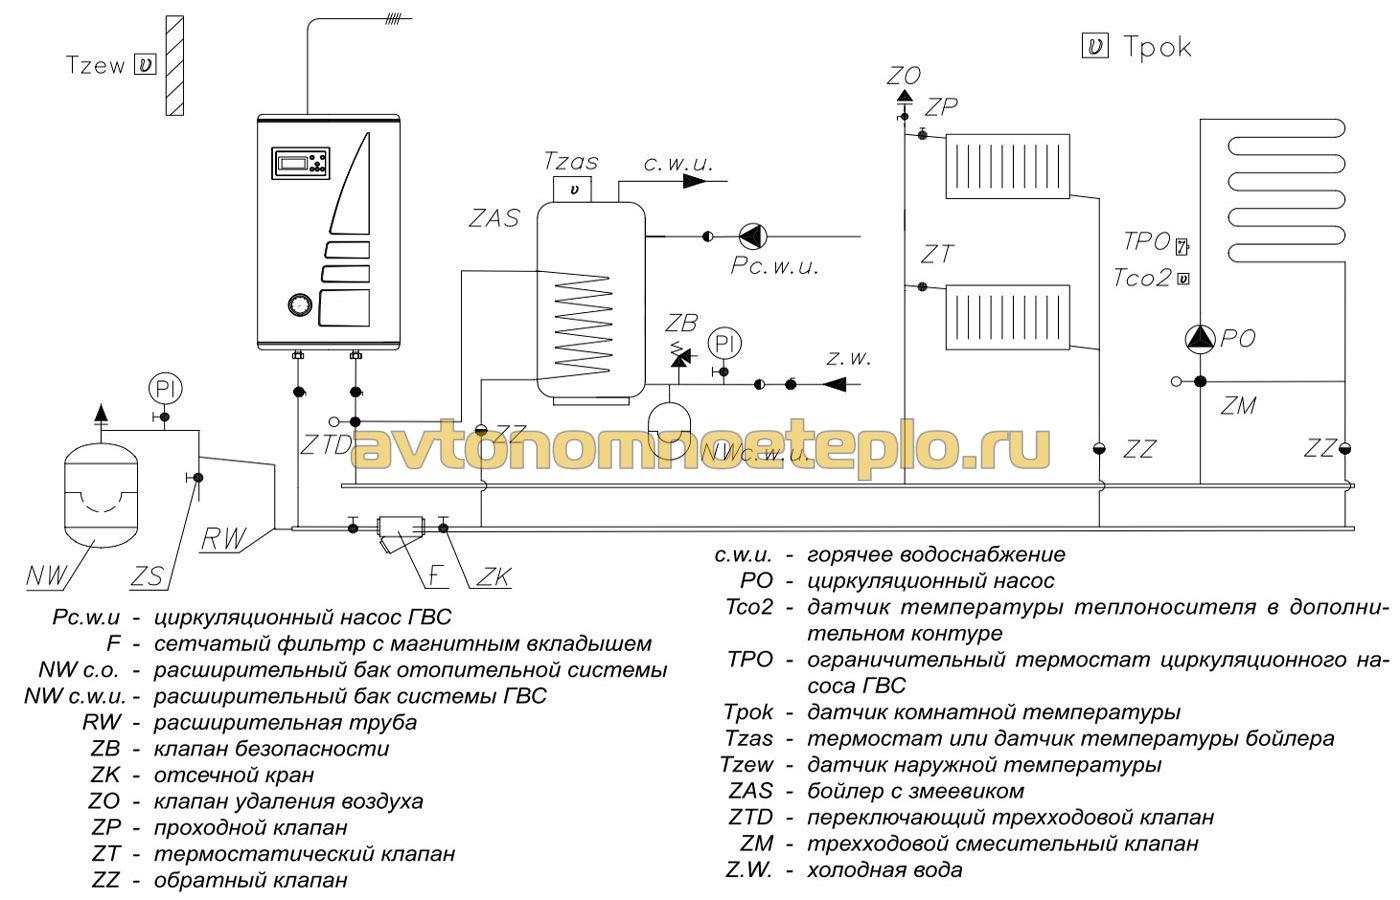 обвязка котла с БКН и отопительными устройствами